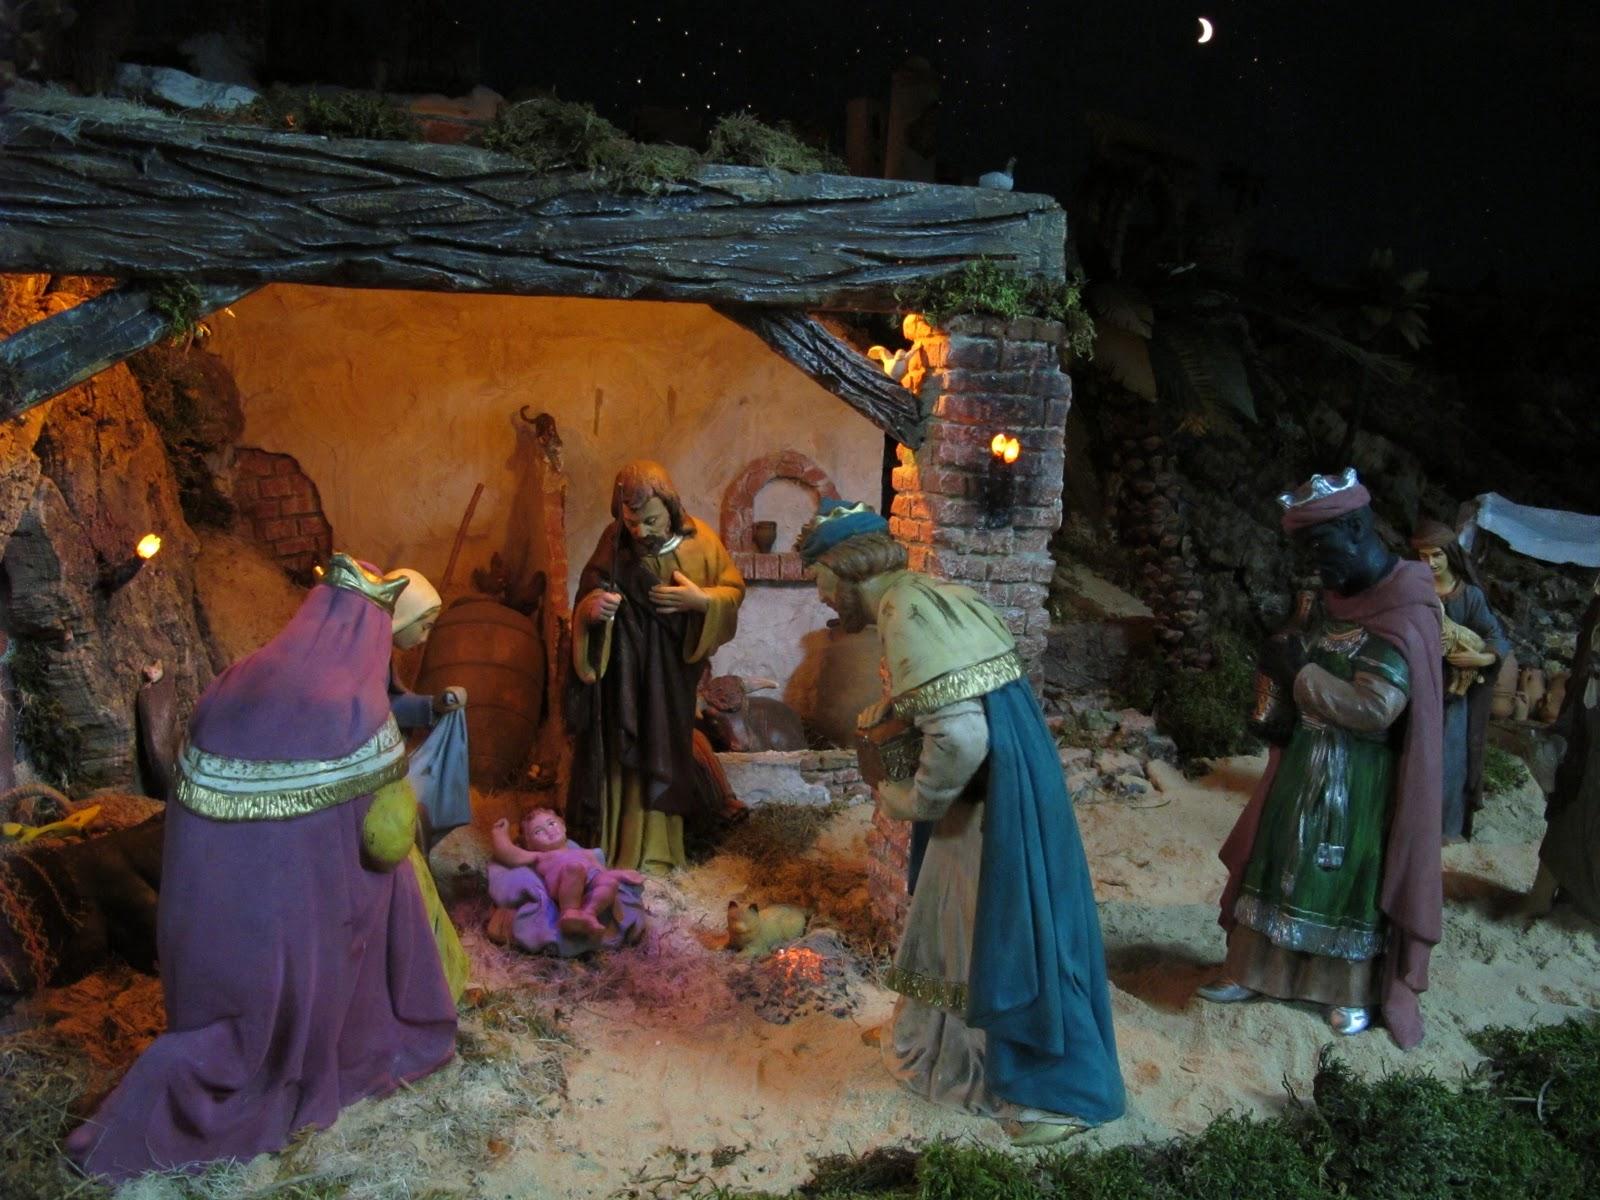 PARROQUIA SAN PIO V - LEGANES: ARTABAN - EL CUARTO REY MAGO